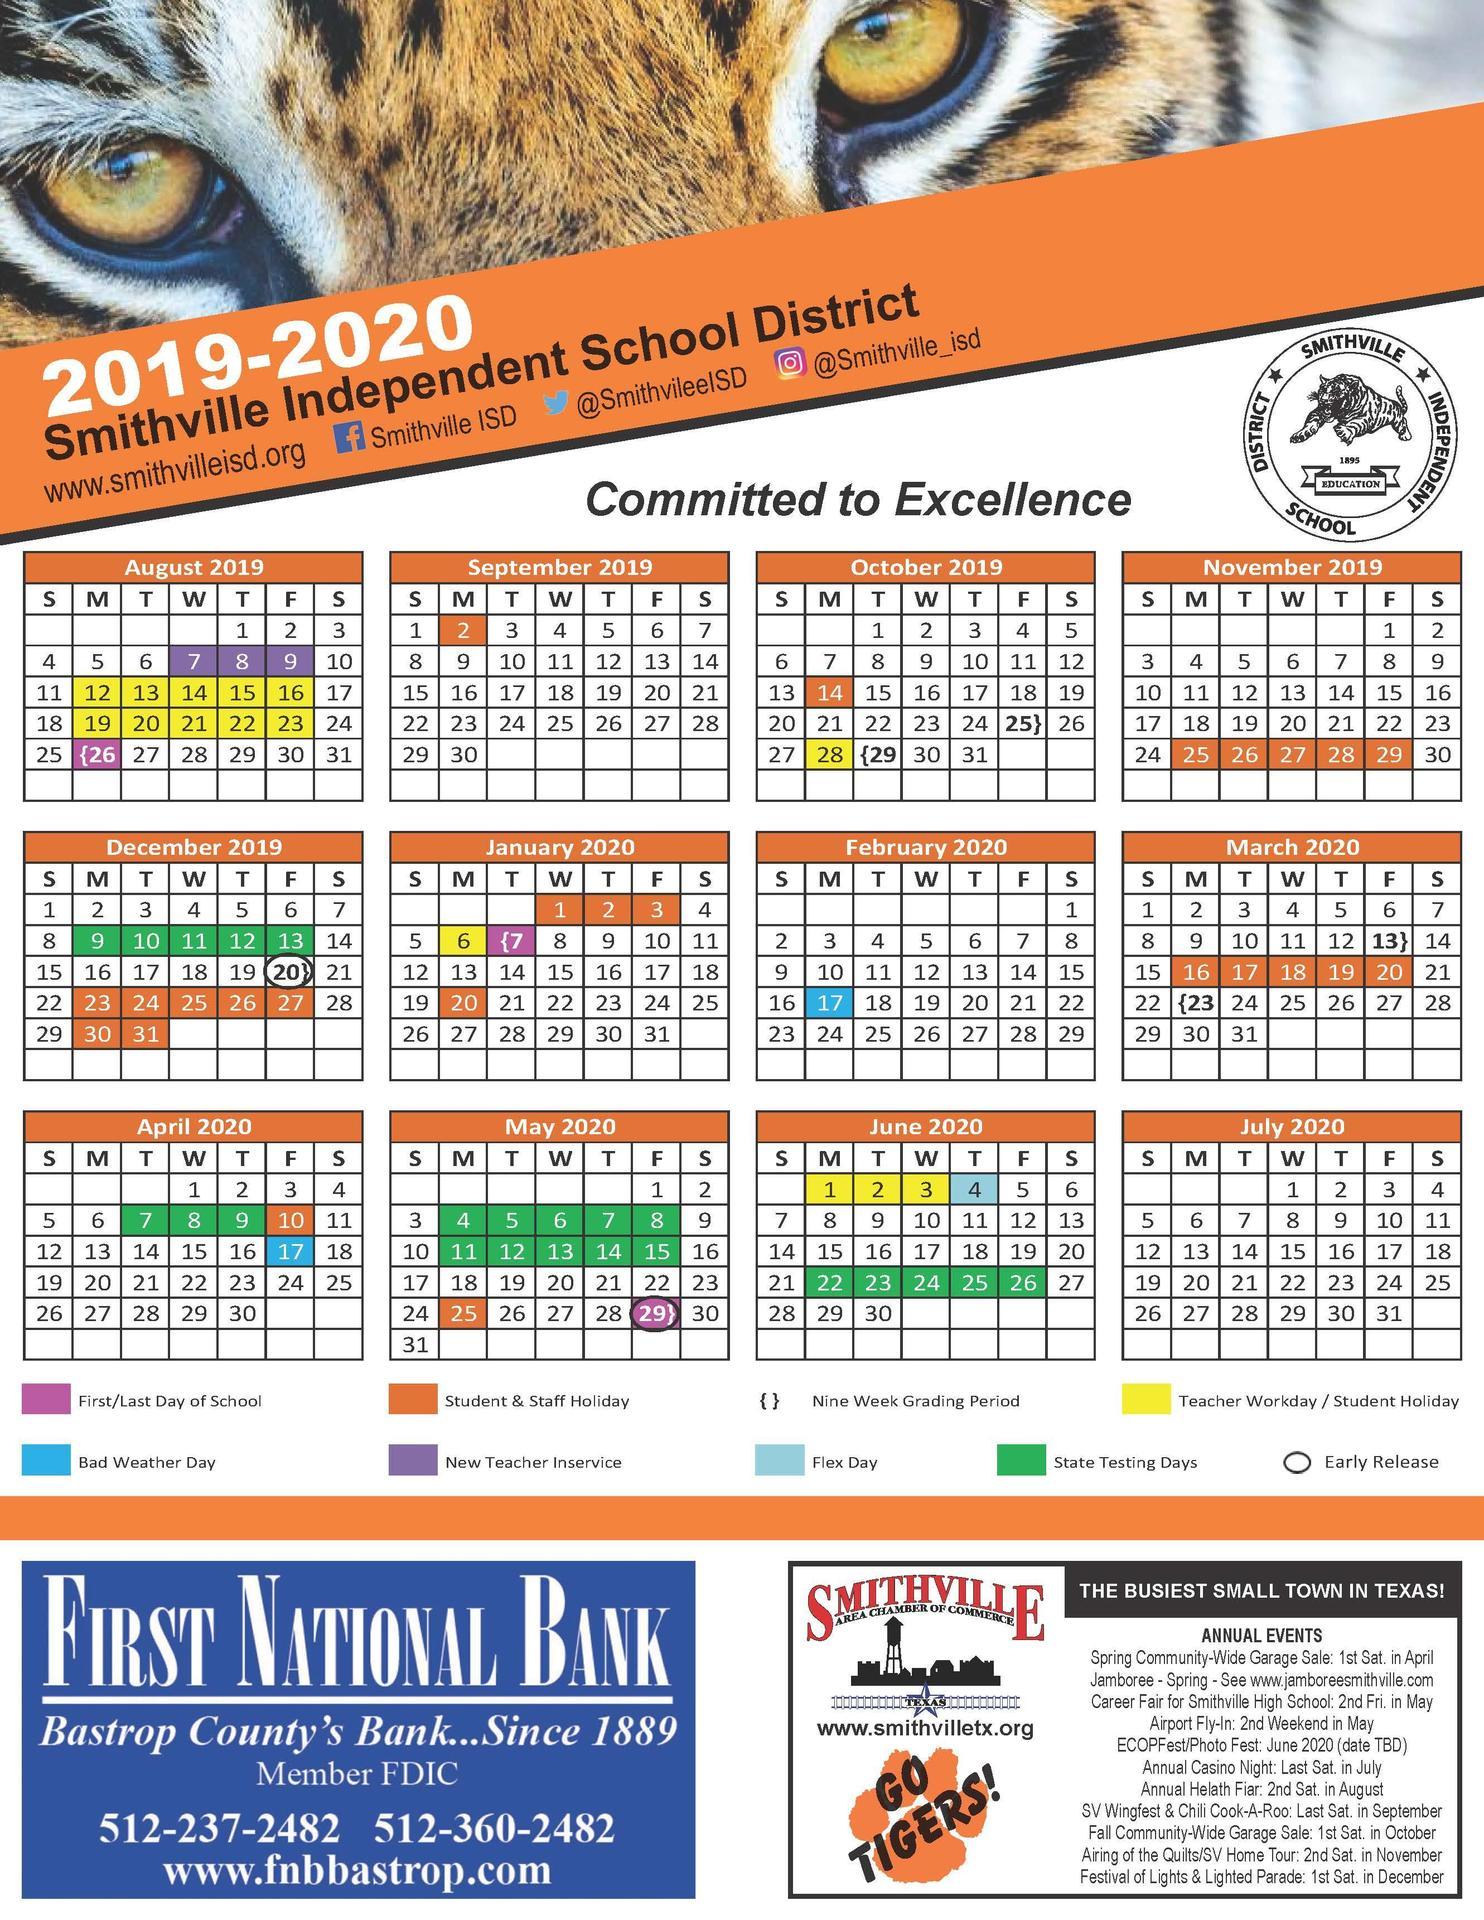 2019-2020 Smithville ISD Academic Calendar